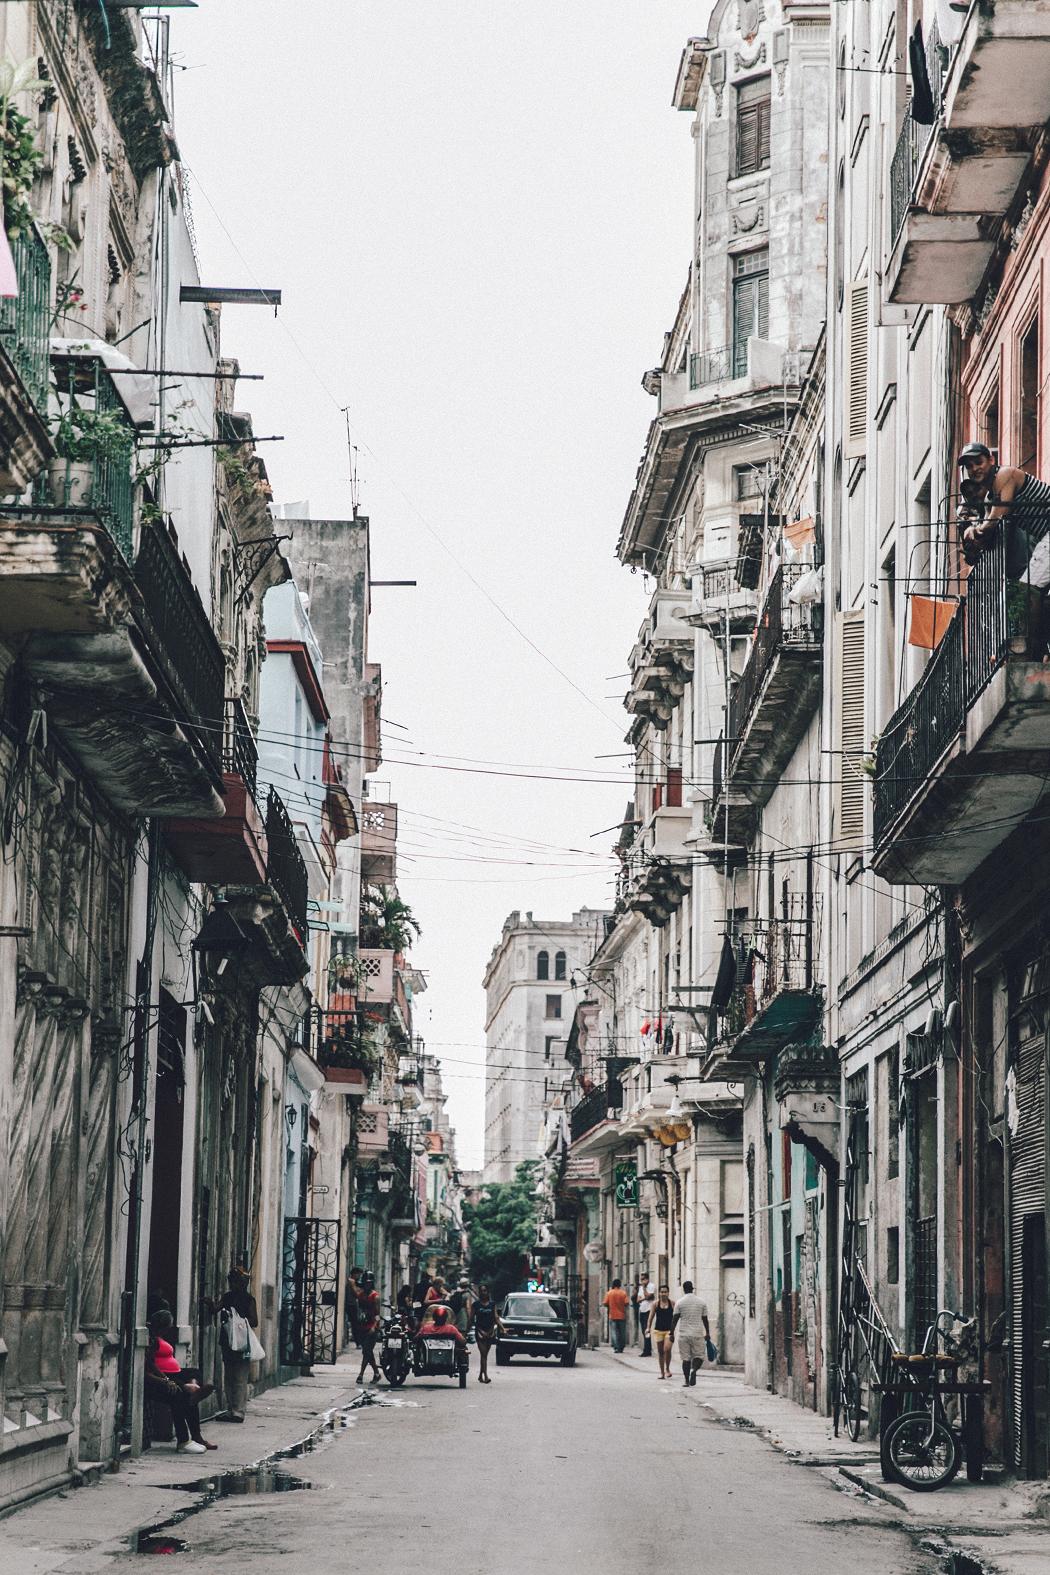 Cuba-La_Habana_Vieja-Hearts_Dress-Styled_By_Me-Aloha_Espadrilles-Outfit-Street_Style-Dress-Backpack-58